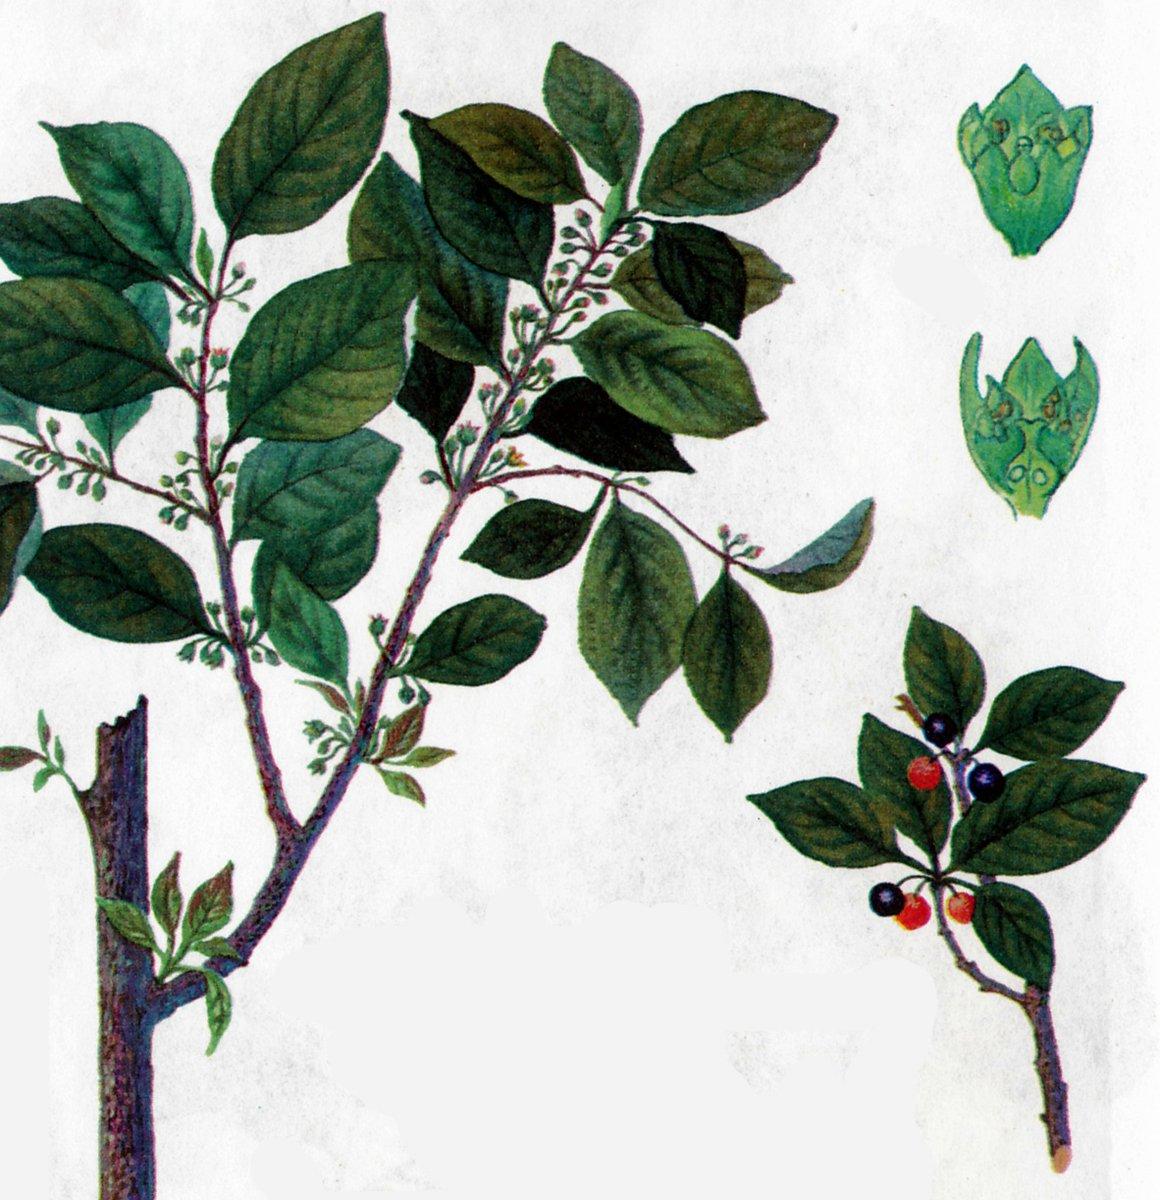 жостер слабительный ботаническая картинка можно запечатлеть